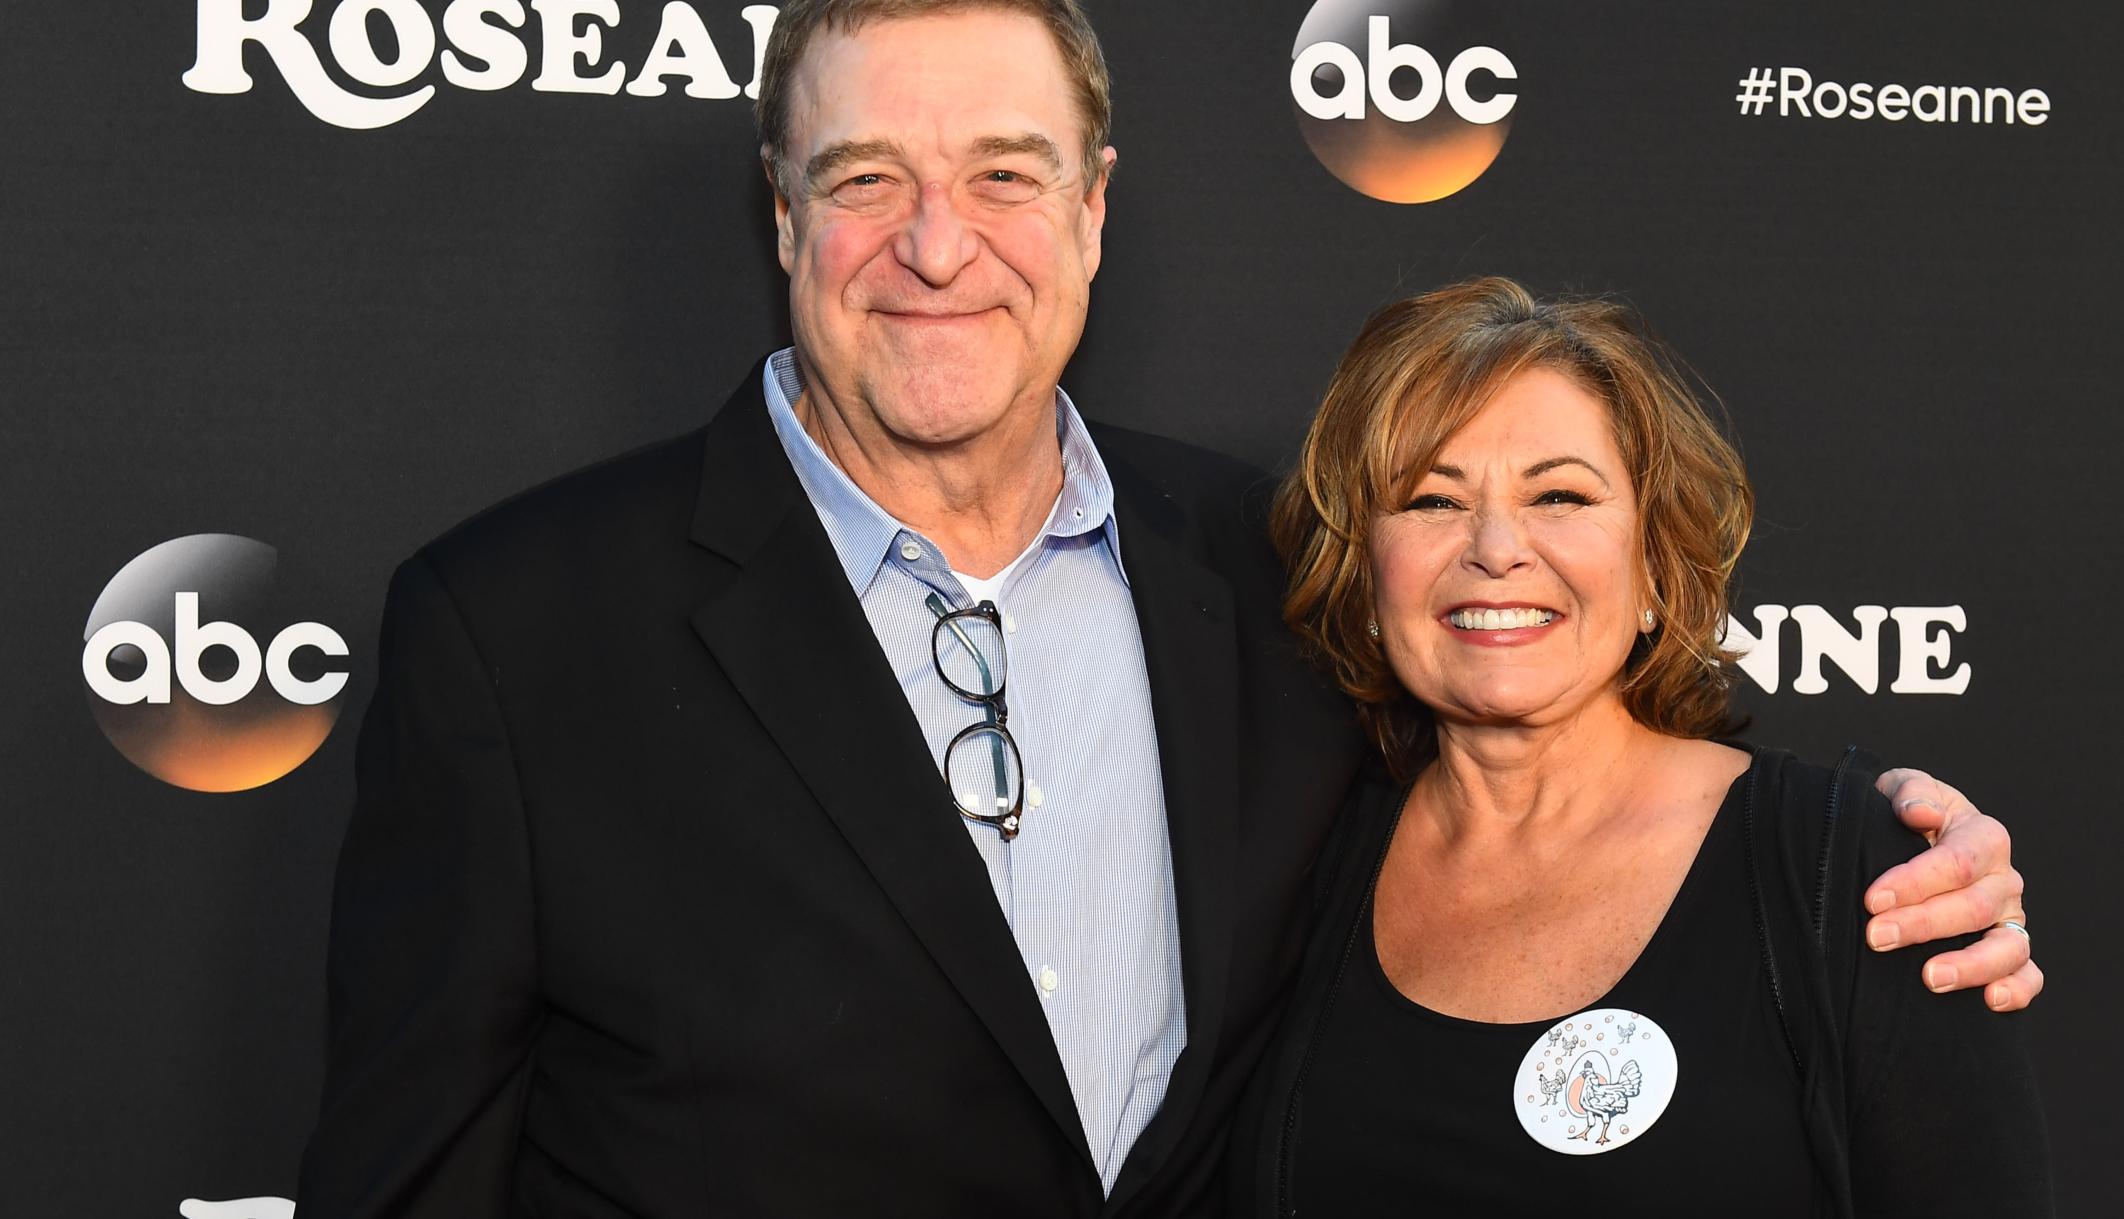 John Goodman brani Roseanne Barr po škandalu s Twitterjem in pravi, da ni rasistična